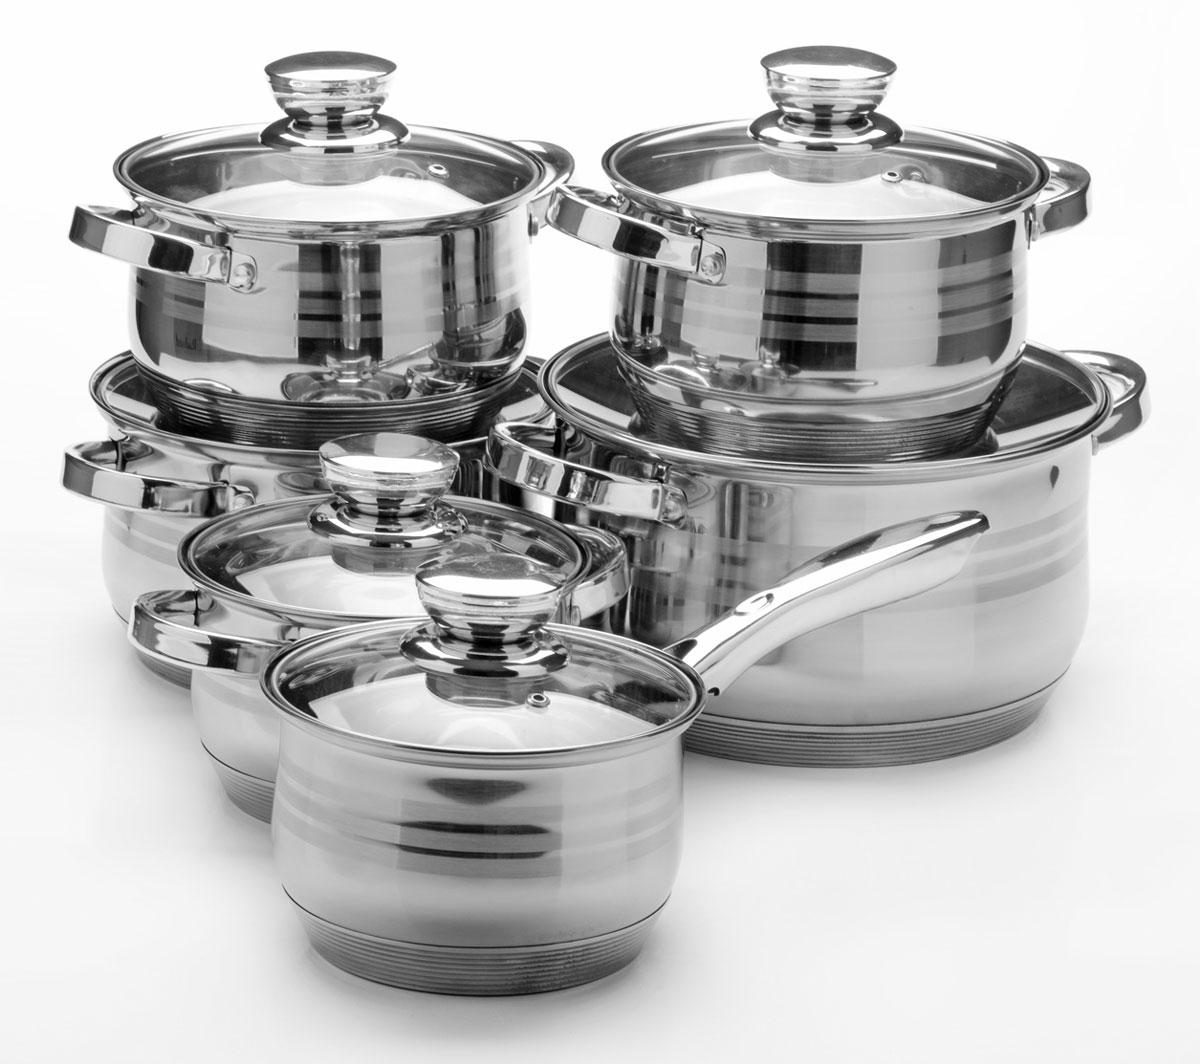 Набор посуды Mayer & Boch, 12 предметов. 2603526035Набор посуды станет отличным дополнением к набору кухонной утвари. С его приобретением приготовление ваших любимых блюд перейдет на качественно новый уровень и вы сможете воплотить в жизнь любые кулинарные идеи. В комплект входят 12 предметов: сотейник (объем 2,1 л), 3 кастрюли (объем 2,1, 3,9, 6,6 л) и 2 кастрюли (объем 2,9 л), 6 крышек. Набор многофункционален и удобен в использовании, подойдет для варки супов, приготовления блюд из мяса и рыбы, гарниров, соусов т. д.